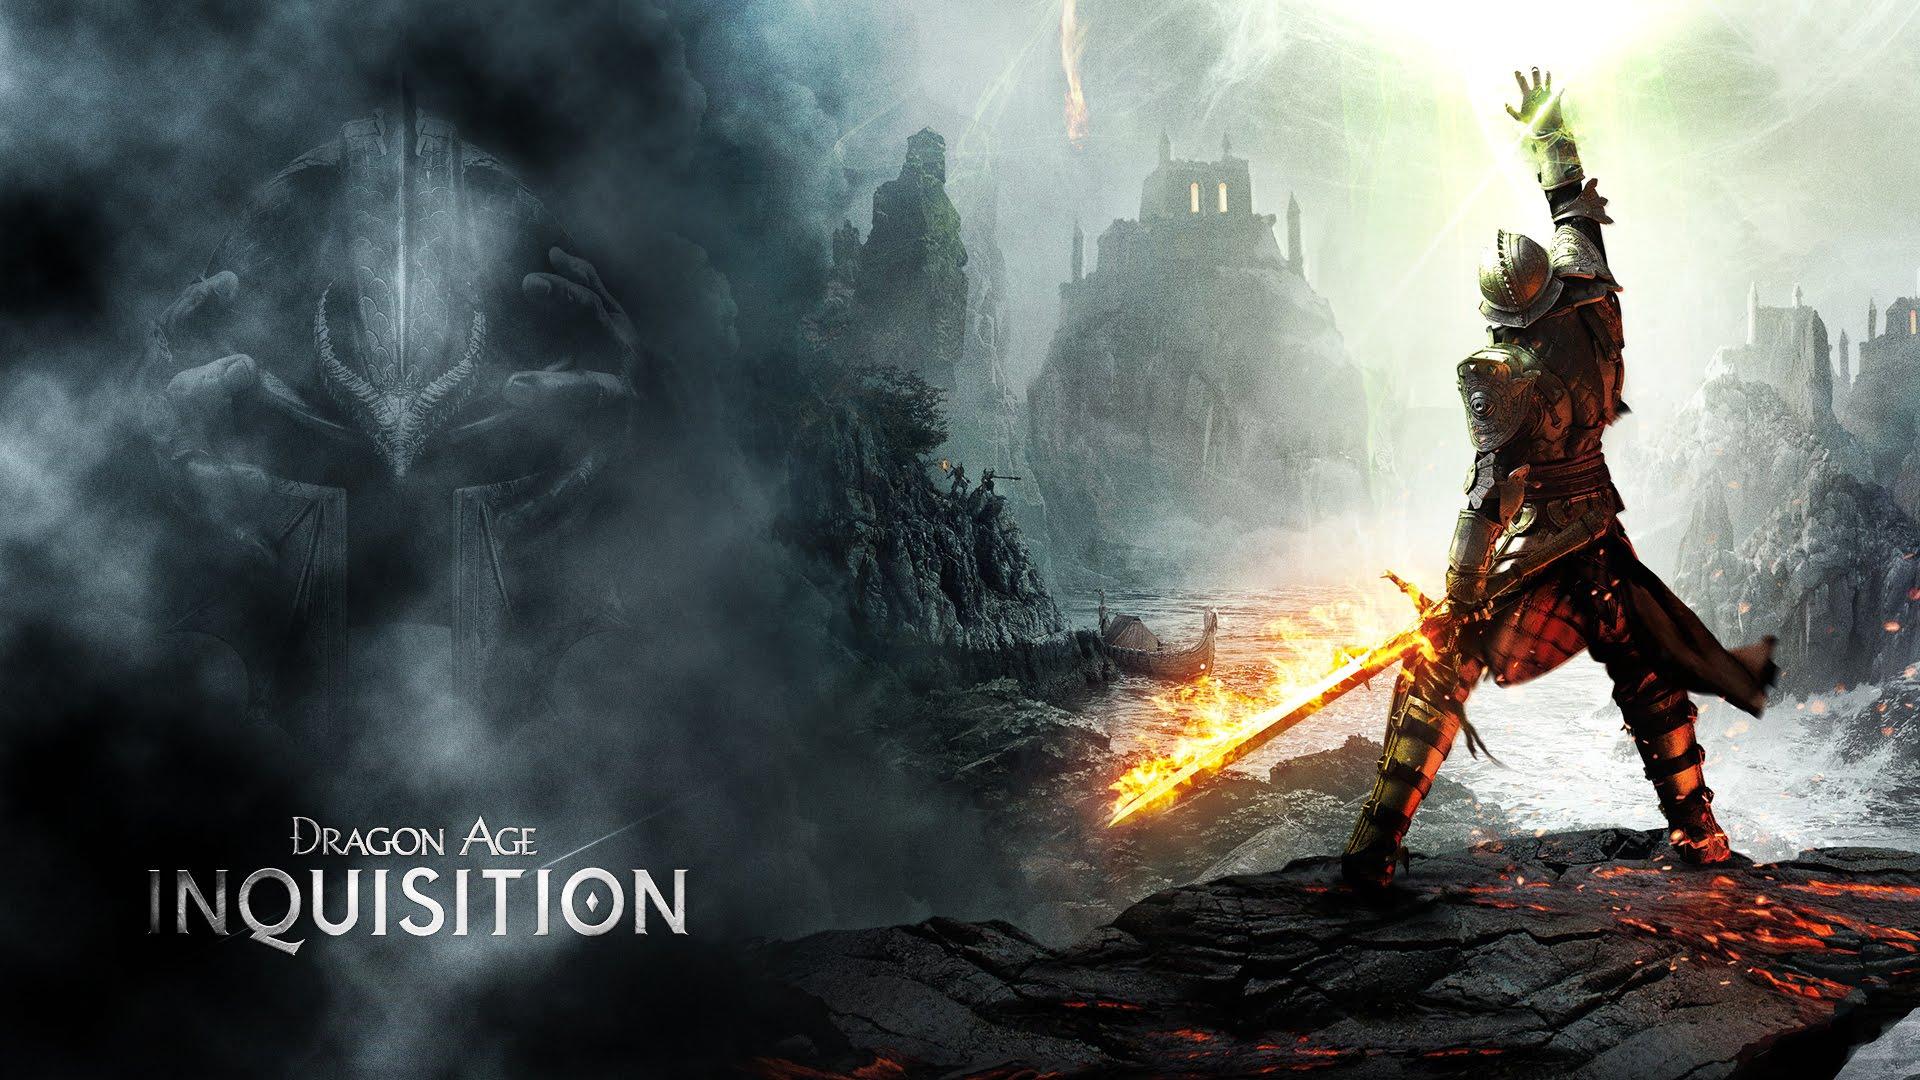 『ドラゴンエイジ:インクイジション』PC最高設定による9分弱のプレイ動画